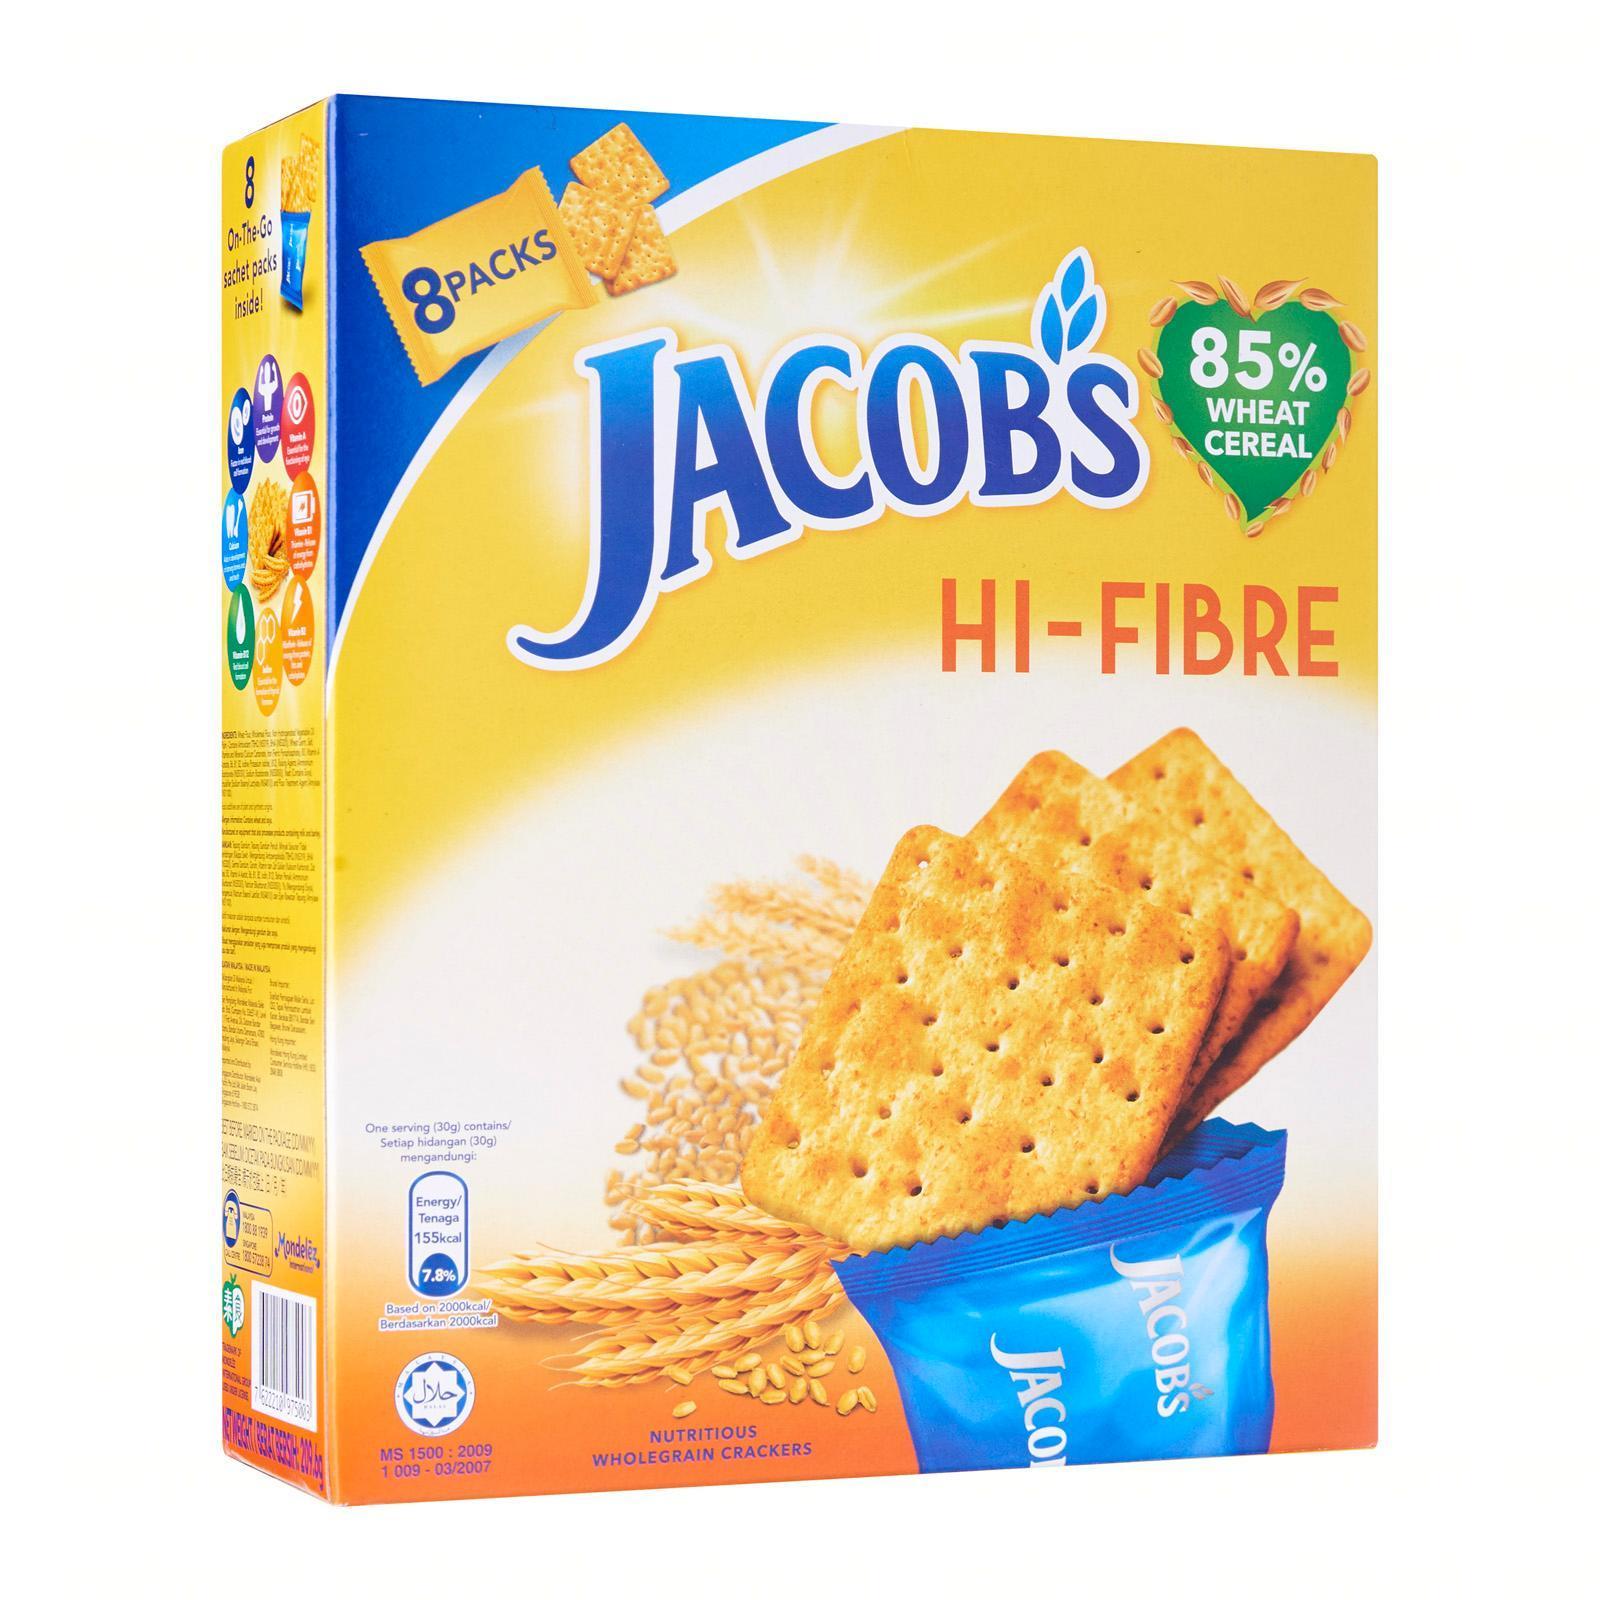 Jacob's Hi-Fibre Wheat Cracker